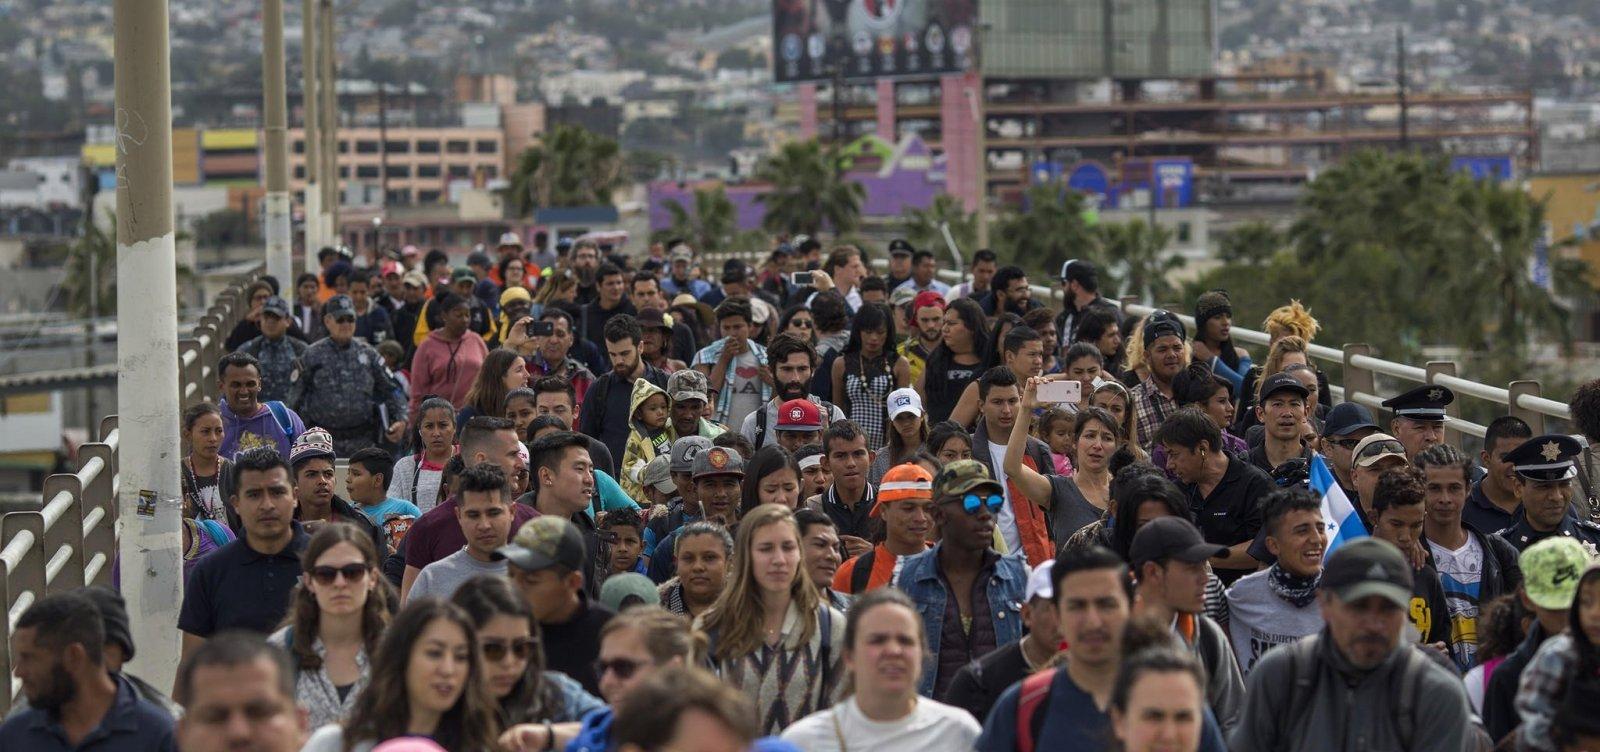 WhatsApp e Facebook aumentam adesão a caravana que segue para os EUA